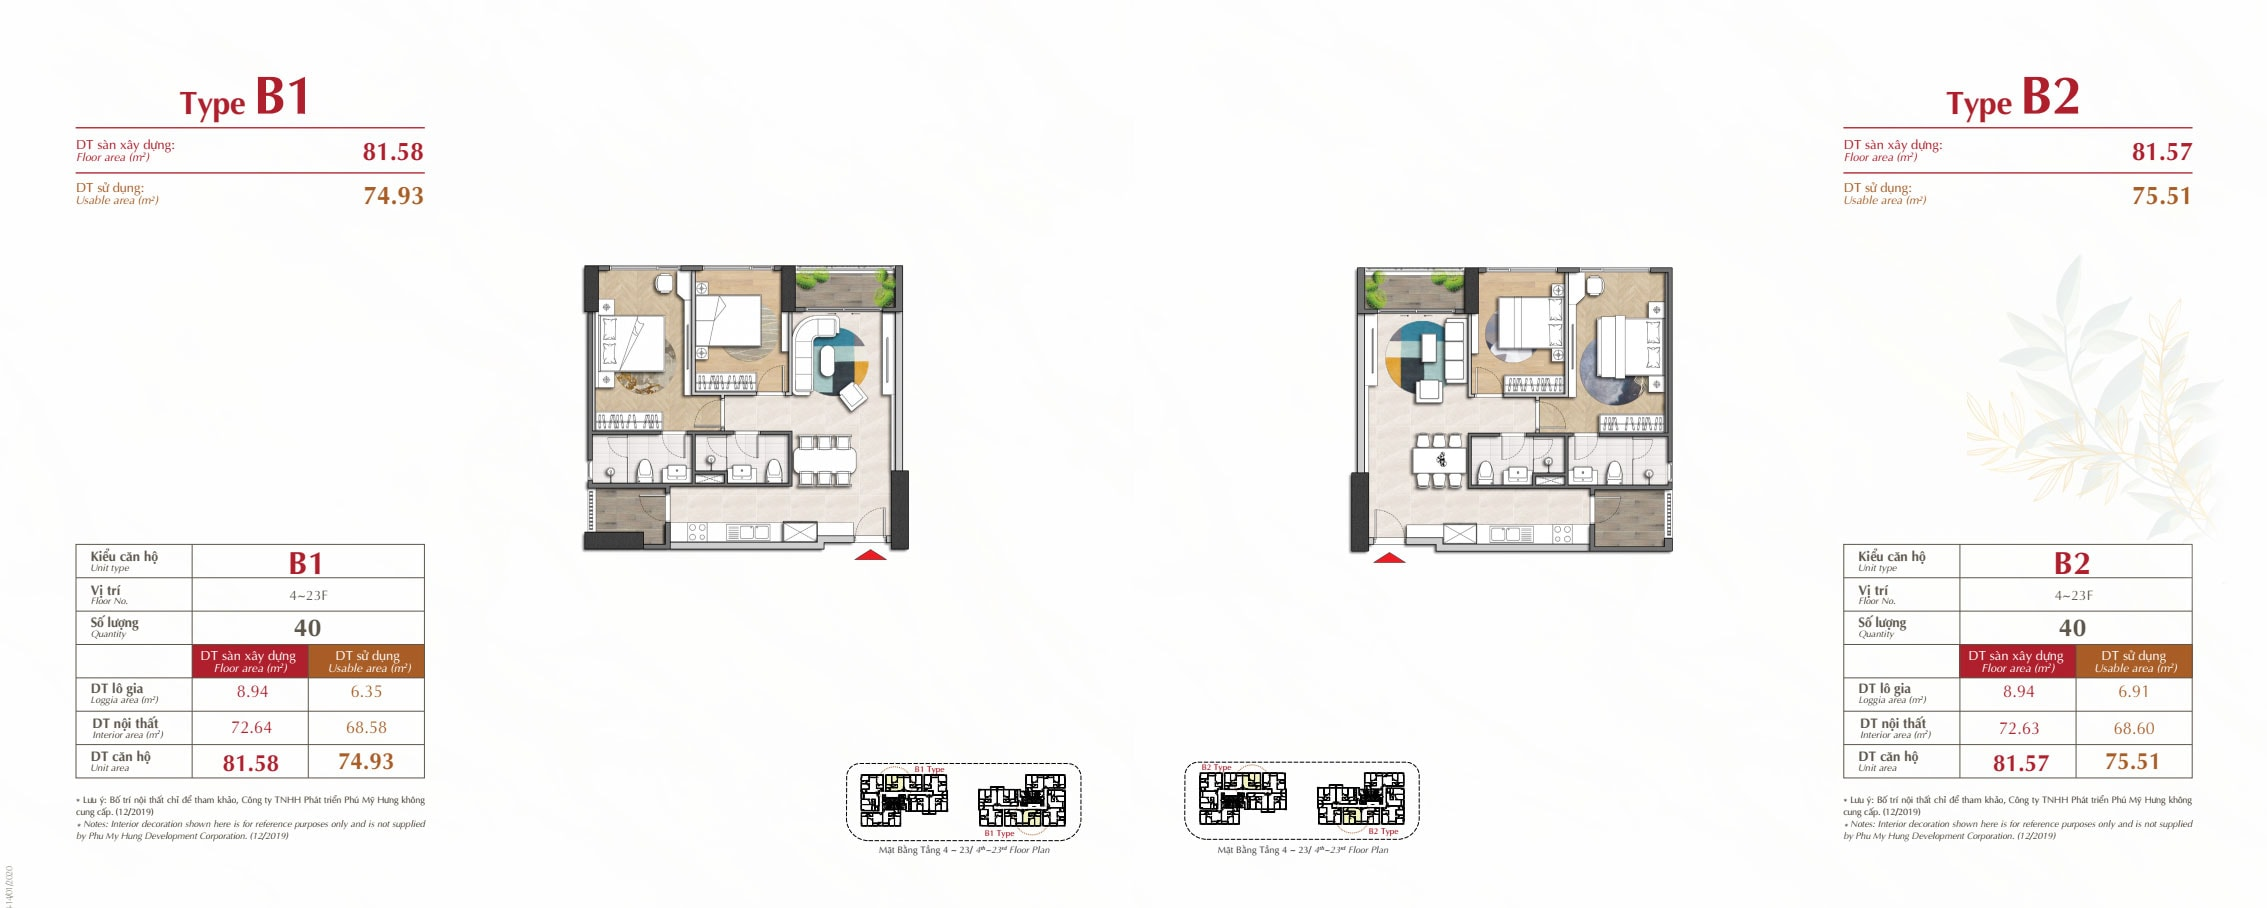 Kiểu nhà type b1 và b2 dự án Antonia Phú Mỹ Hưng